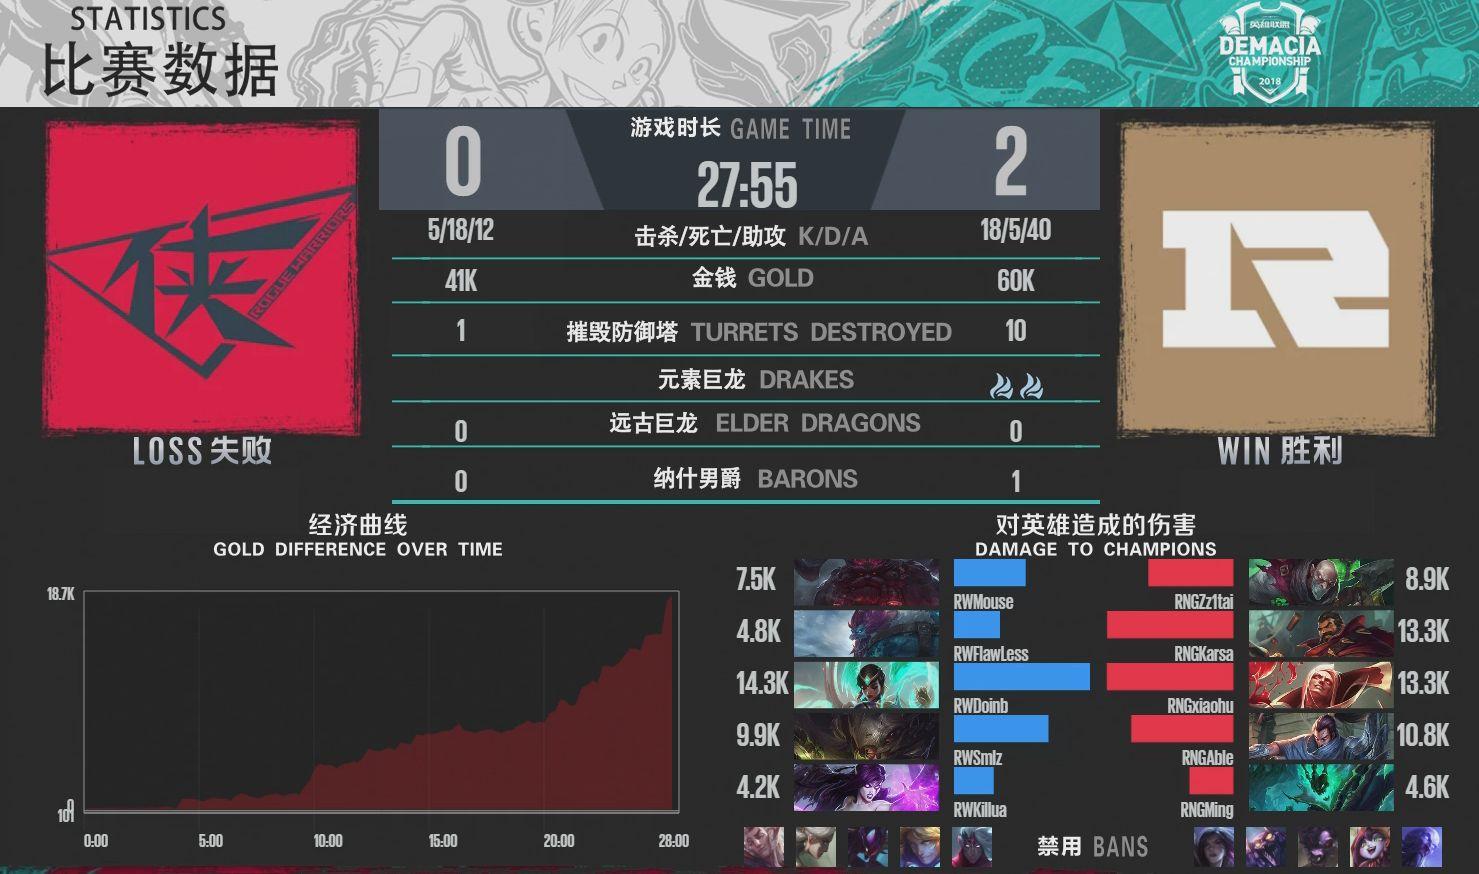 【战报】RNG黑科技无AD阵容大显神威 直落两局率先晋级